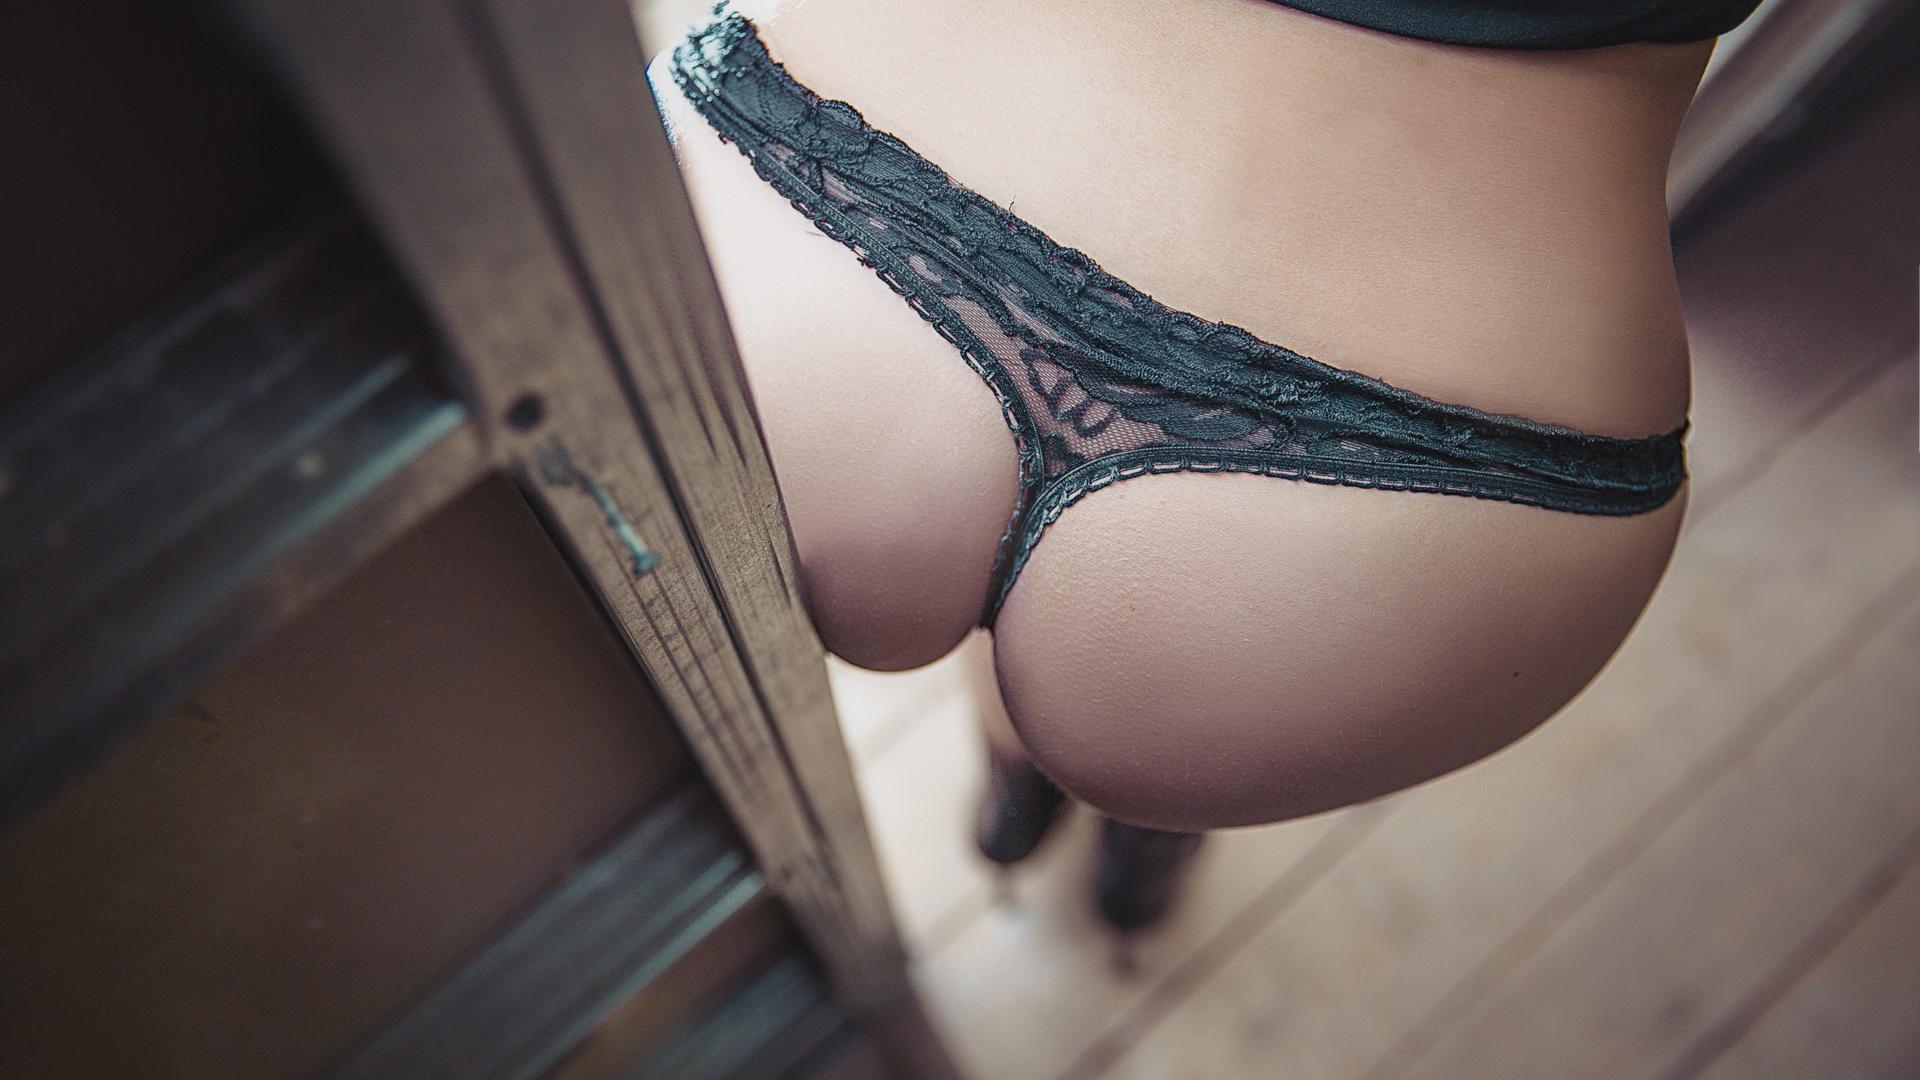 Красивые попки в черных трусиках, секс эротика видео секса